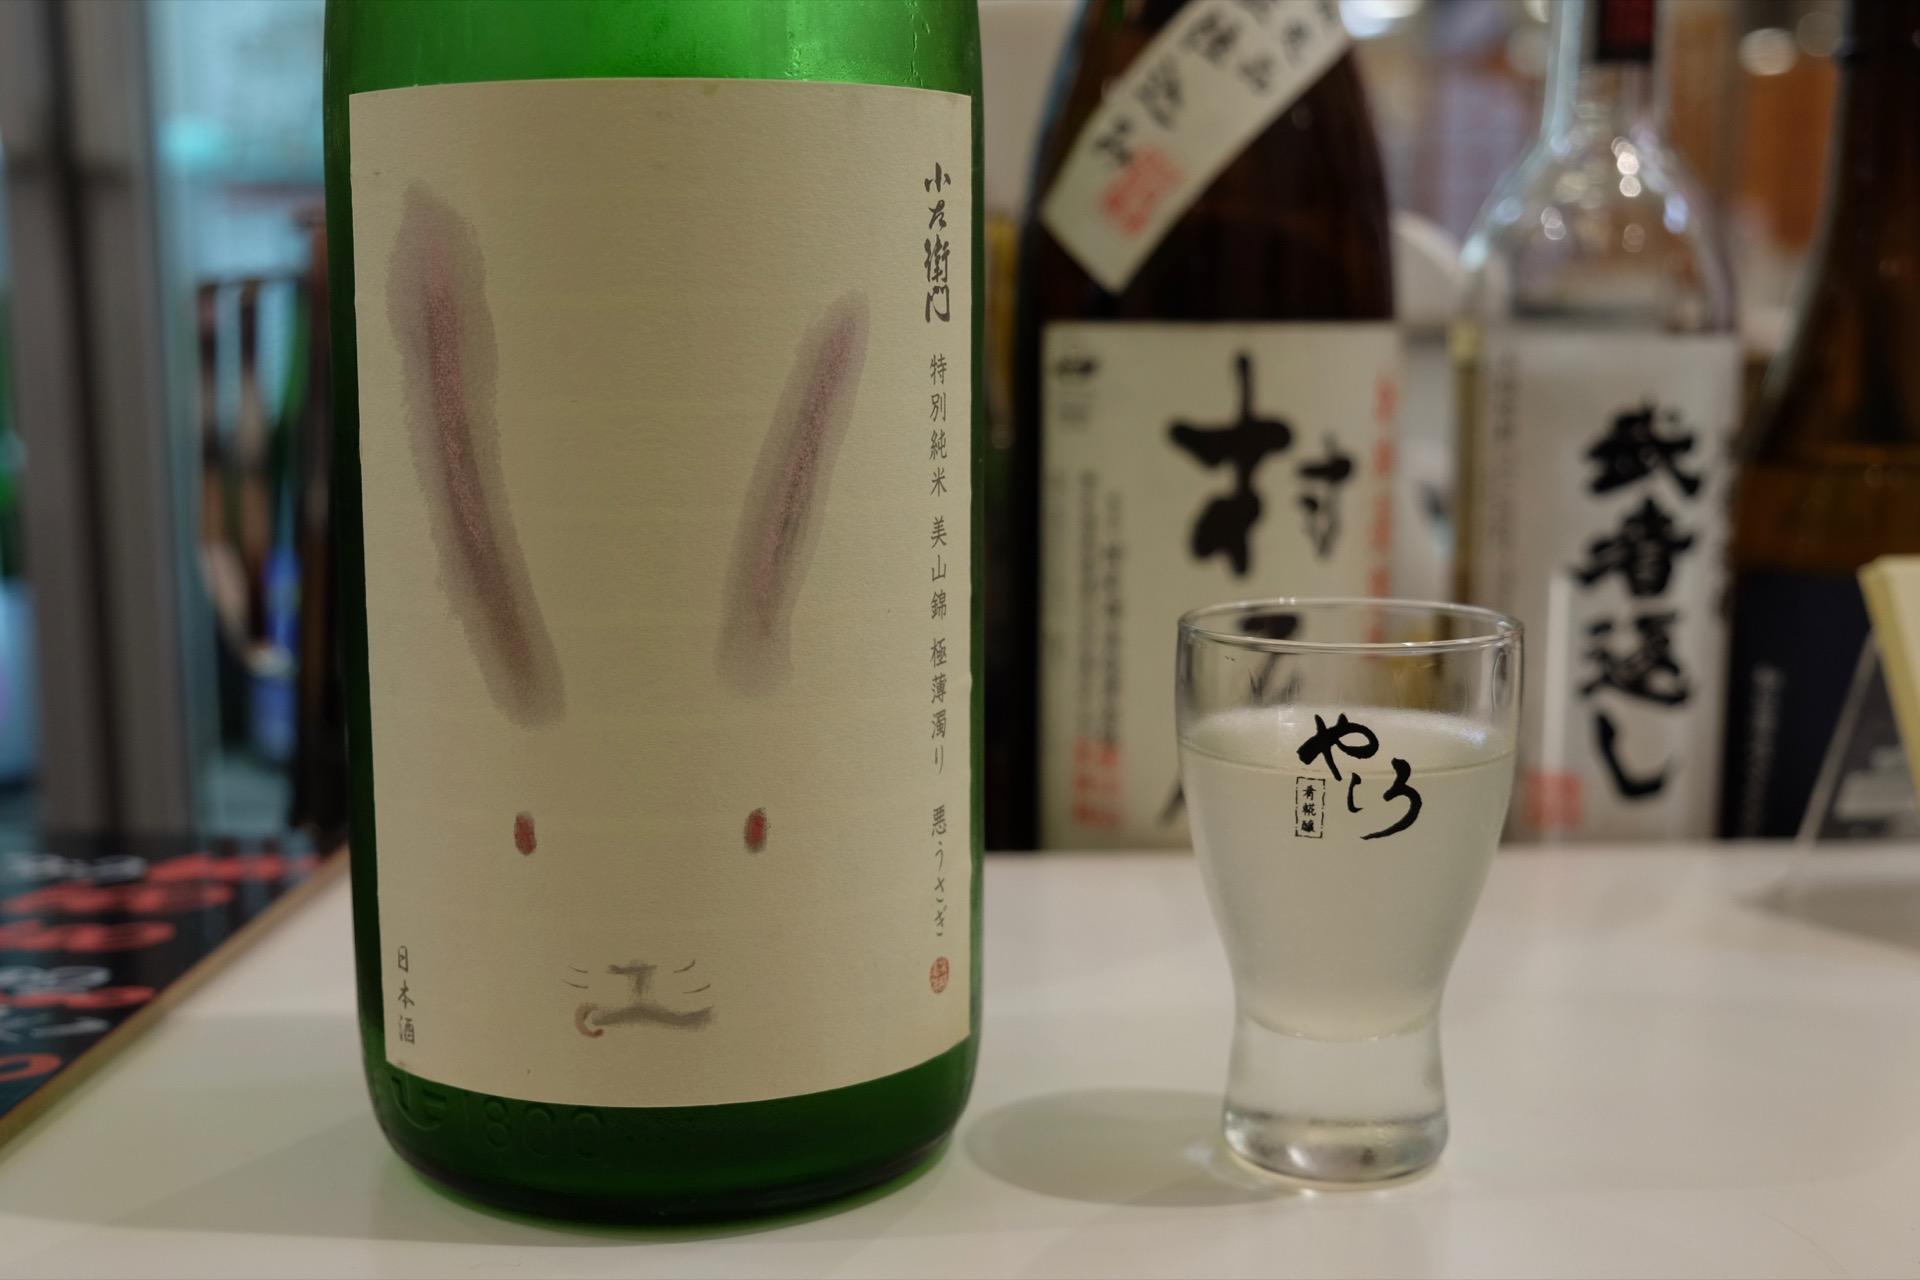 小左衛門 特別純米 信濃美山錦  極薄濁り 特別バージョン 悪うさぎ|日本酒テイスティングノート